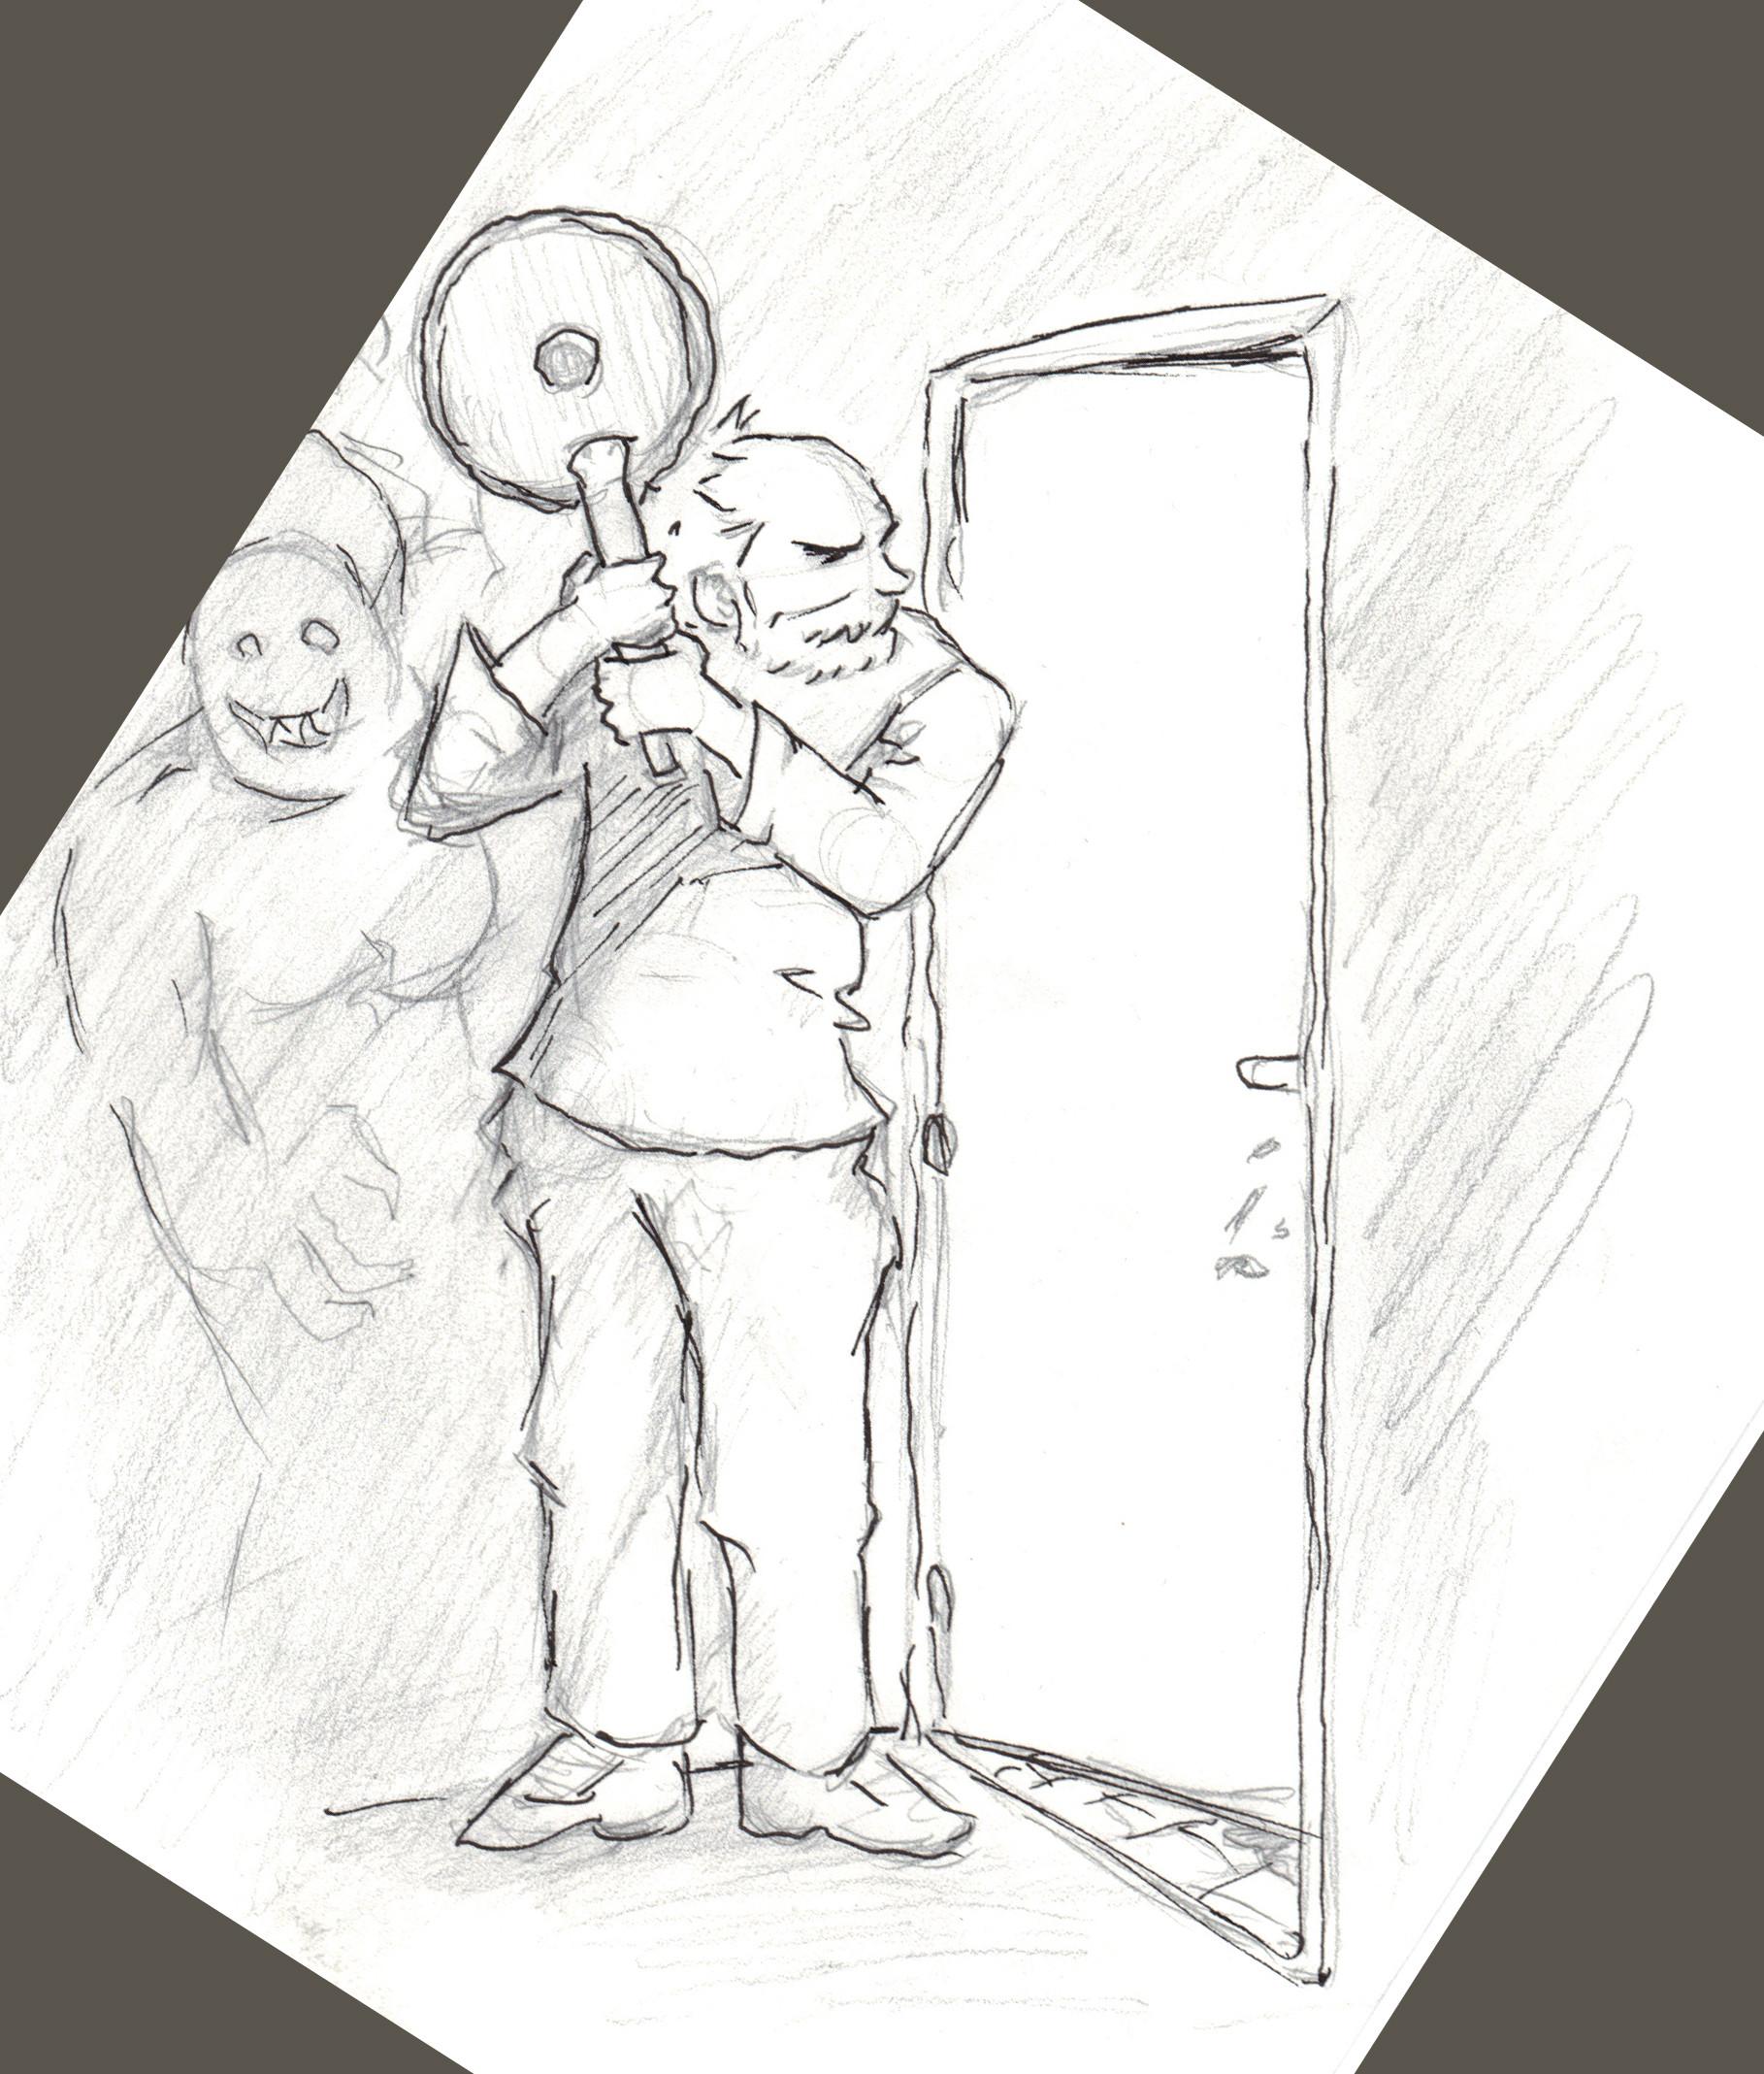 Concept for a comic idea